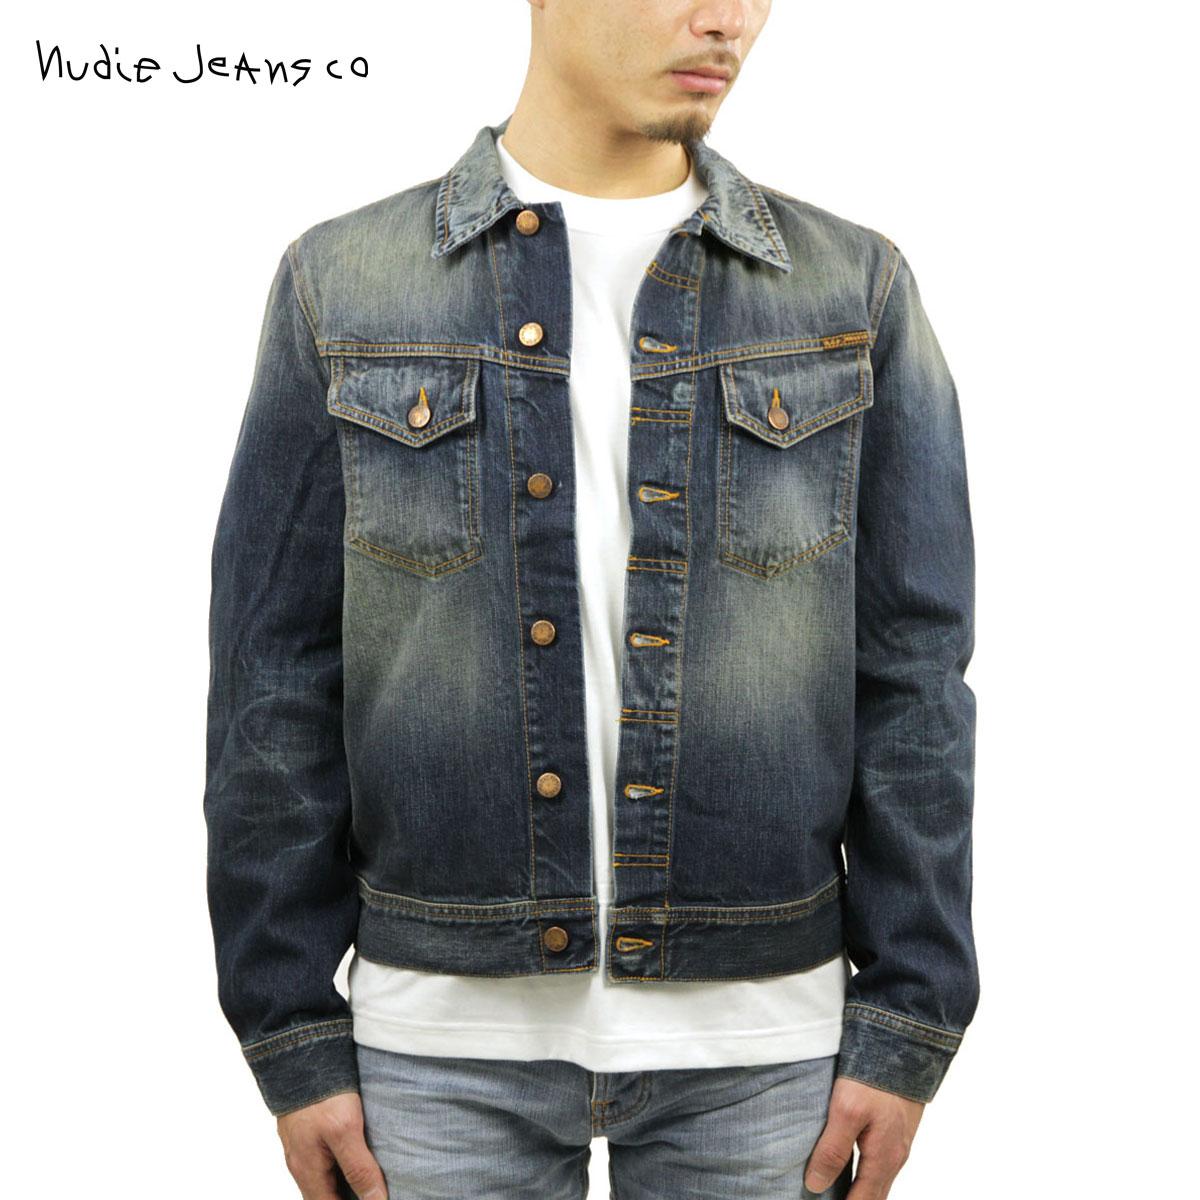 ヌーディージーンズ Nudie Jeans 正規販売店 メンズ アウタージャケット ヌーディージーンズ Billy Denim 160404 D00S20